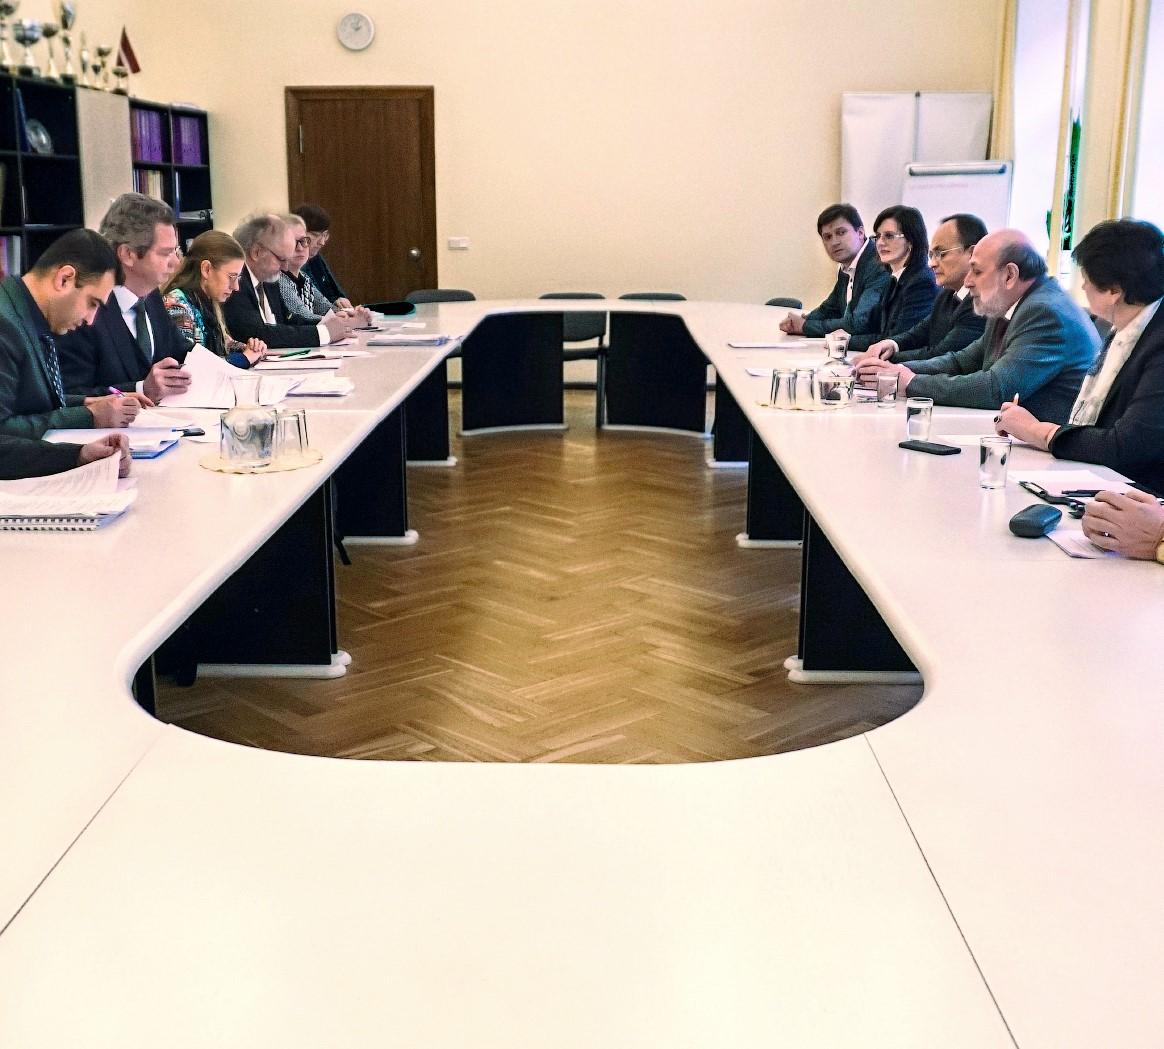 Делегация Венецианской комиссии в ходе визита в Ригу оценивает реформу школ национальных меньшинств